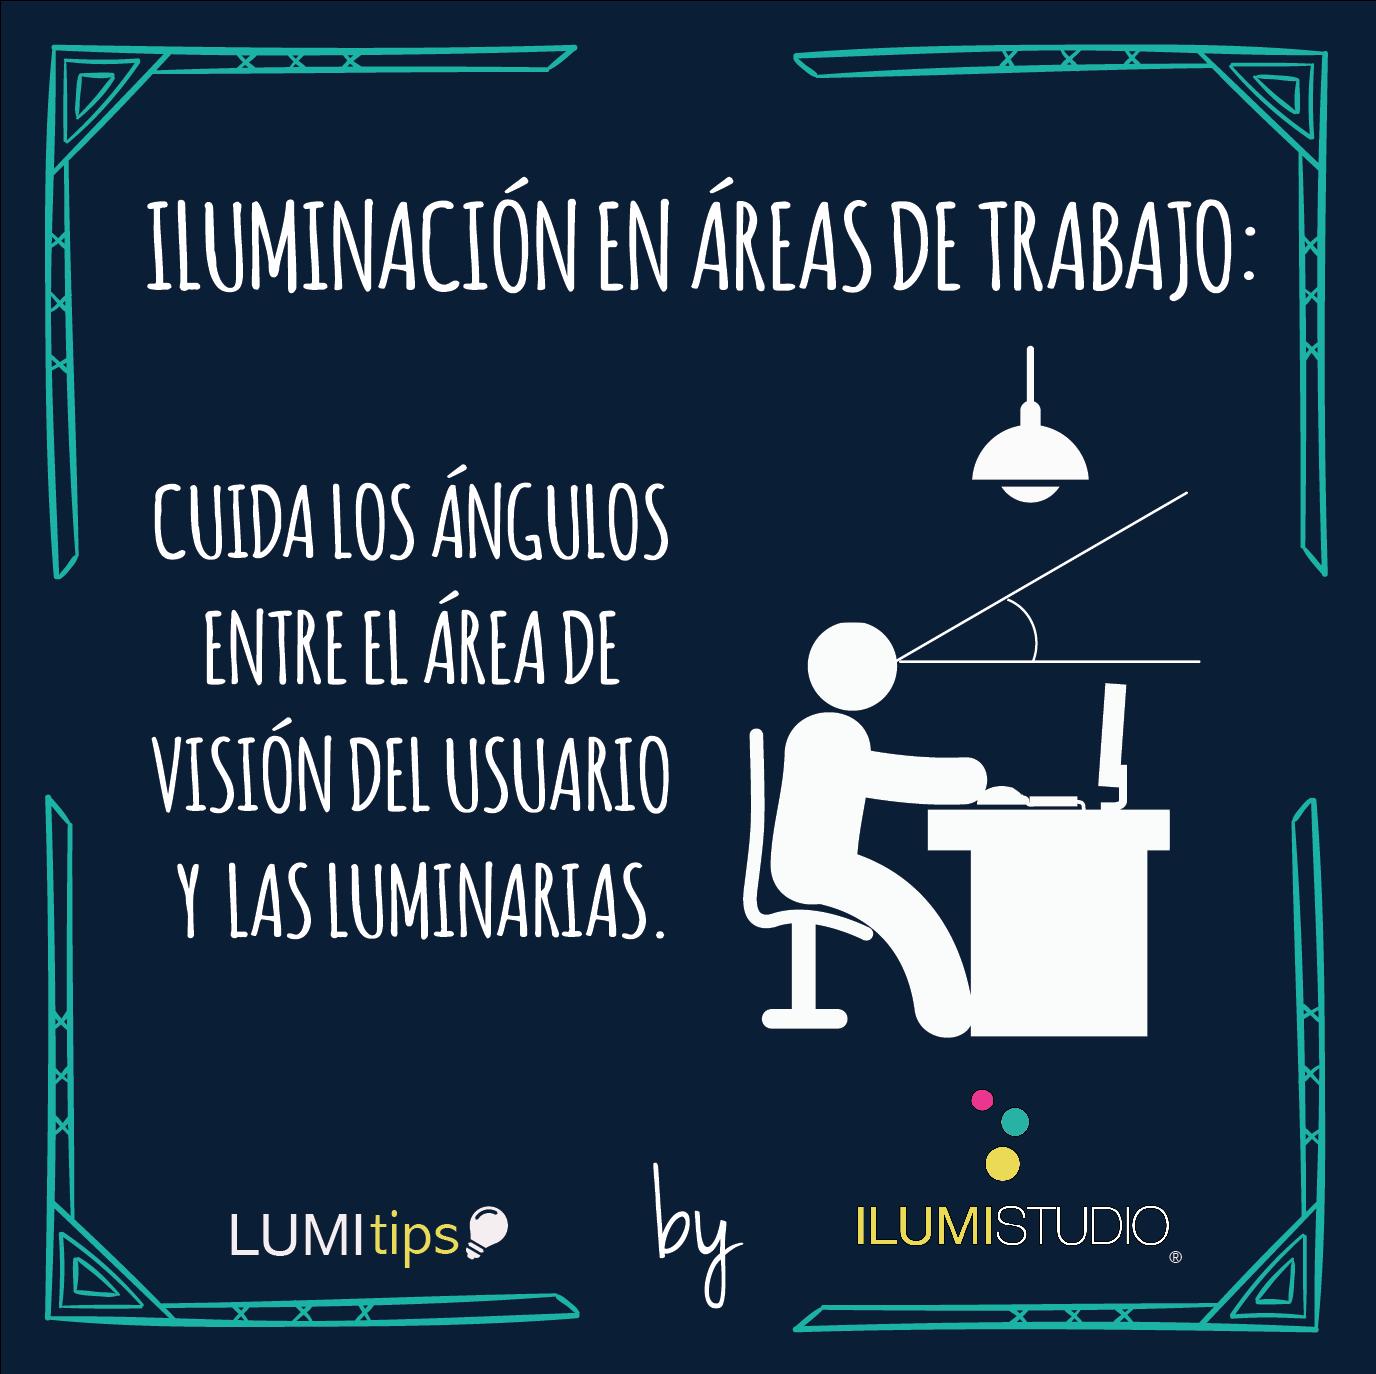 #ILUMISTUDIO #LUMITIPS Iluminación en áreas de trabajo